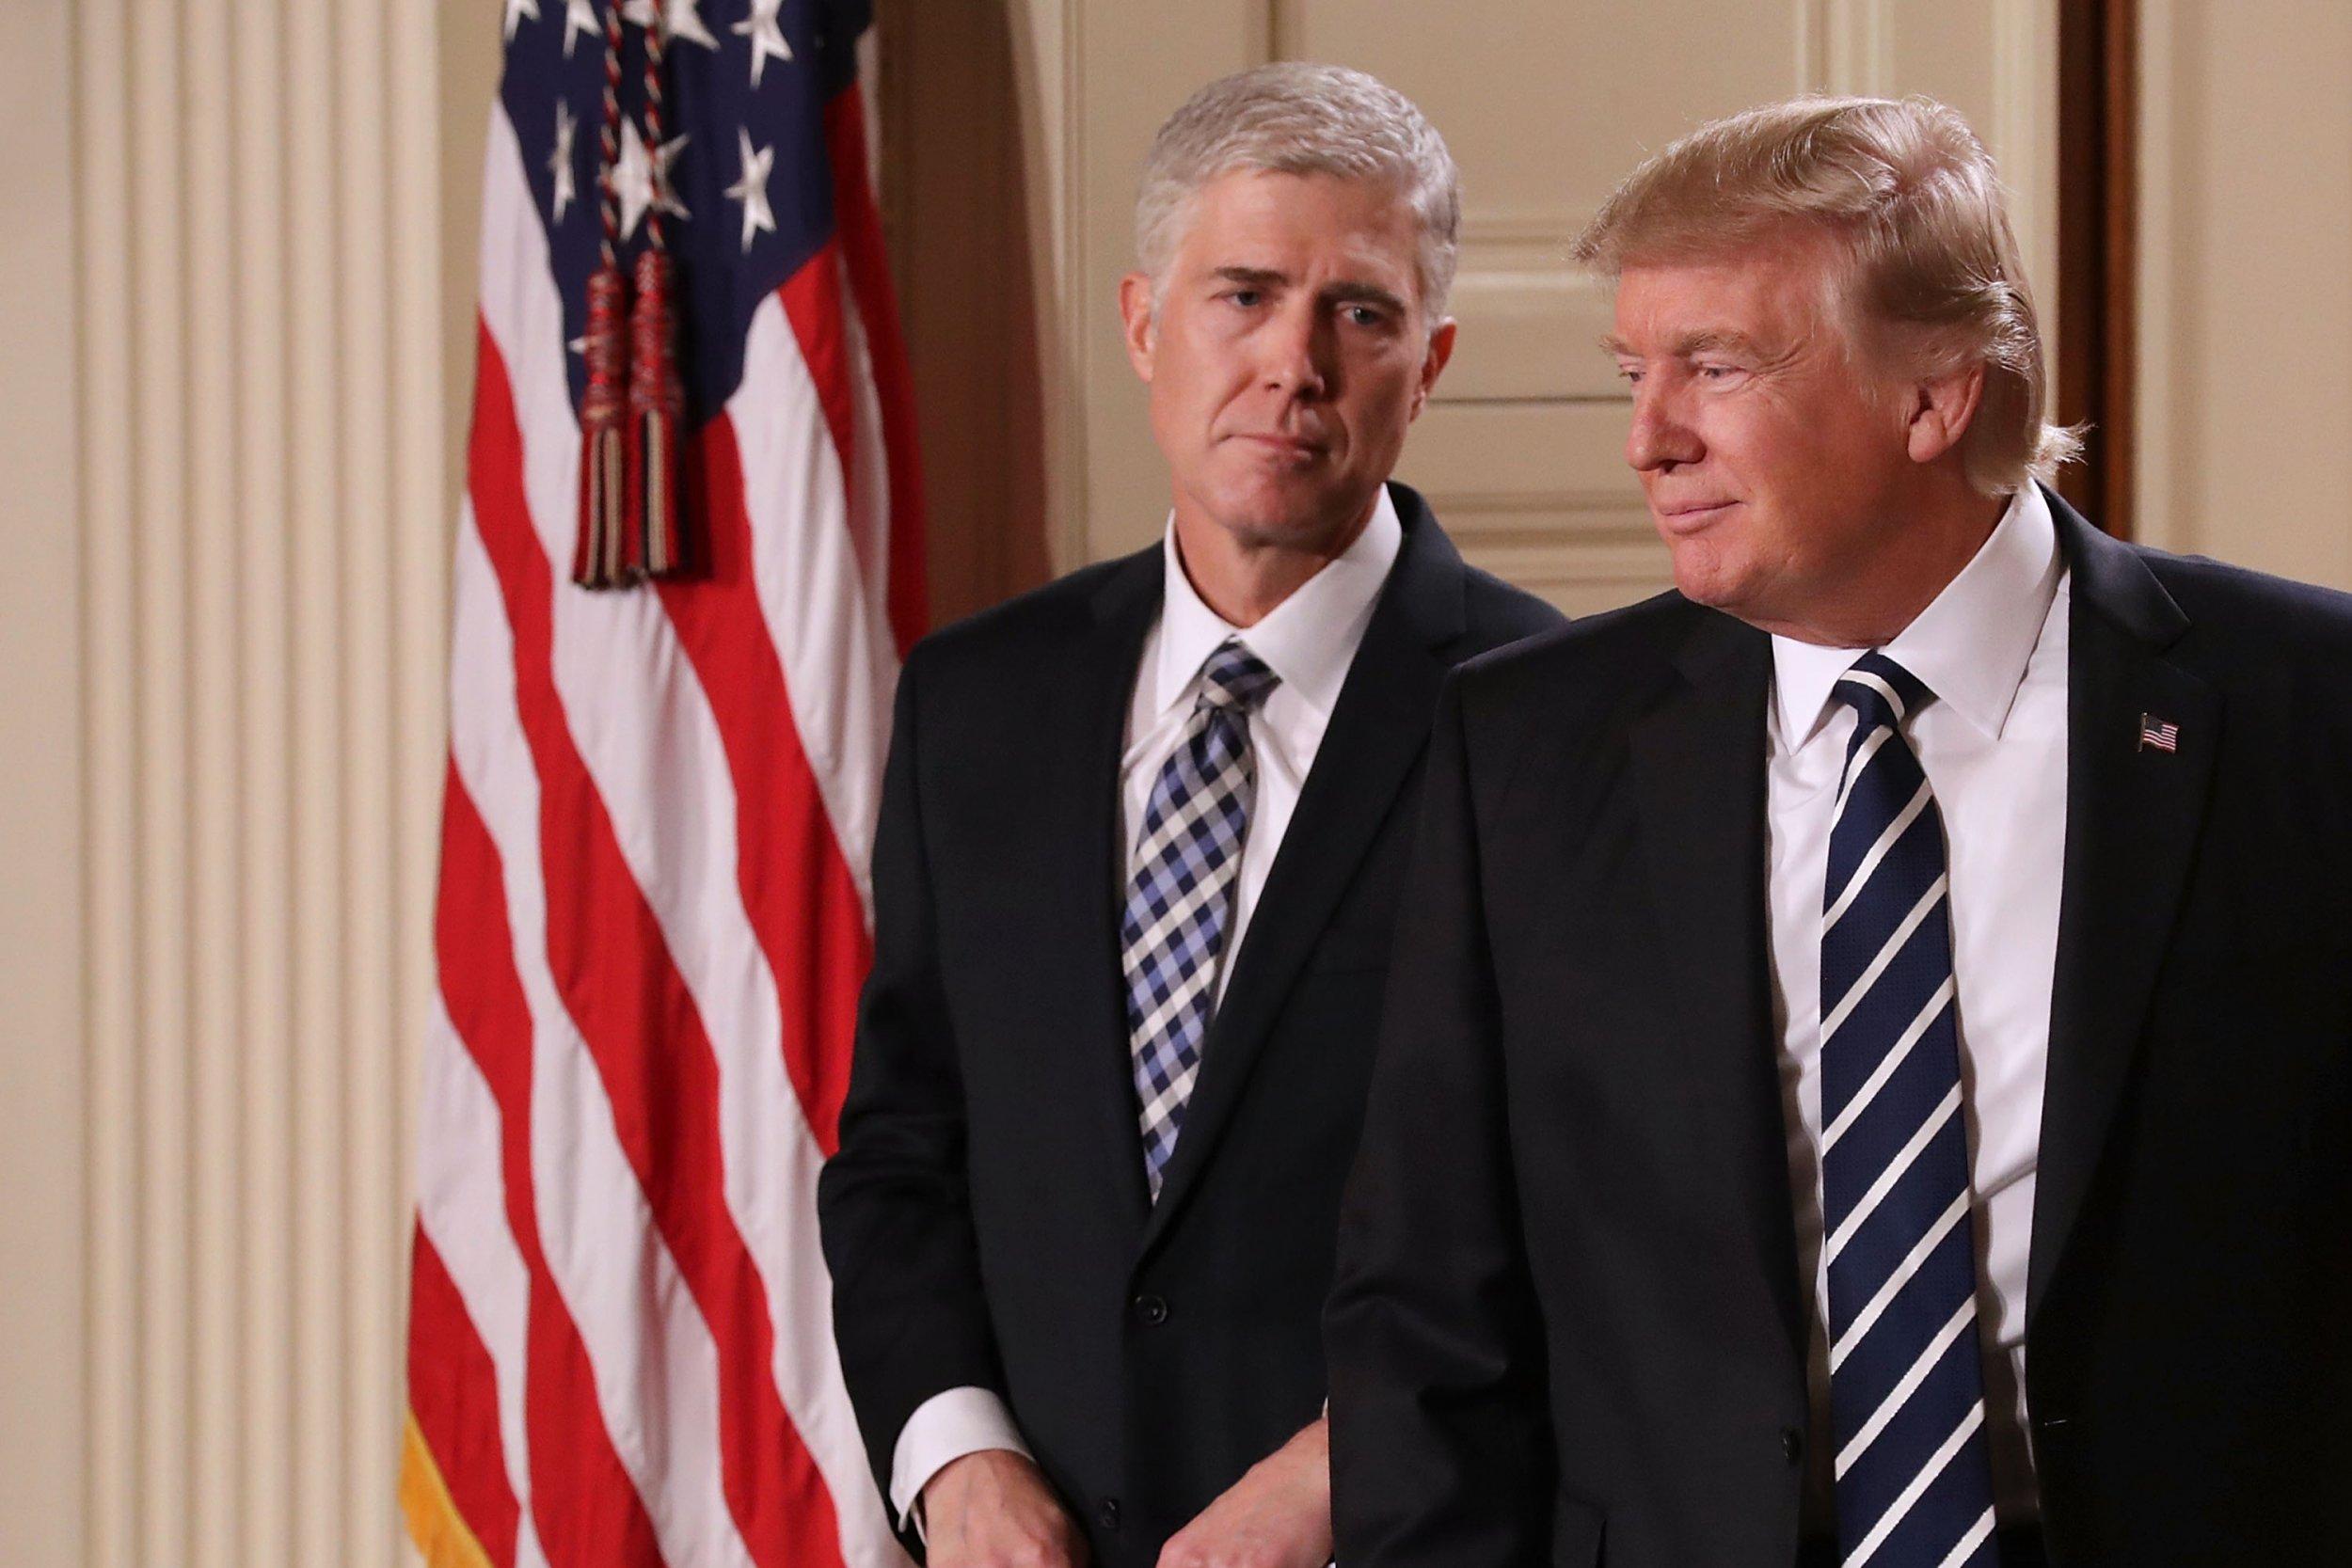 Neil-Gorsuch-Donald-Trump